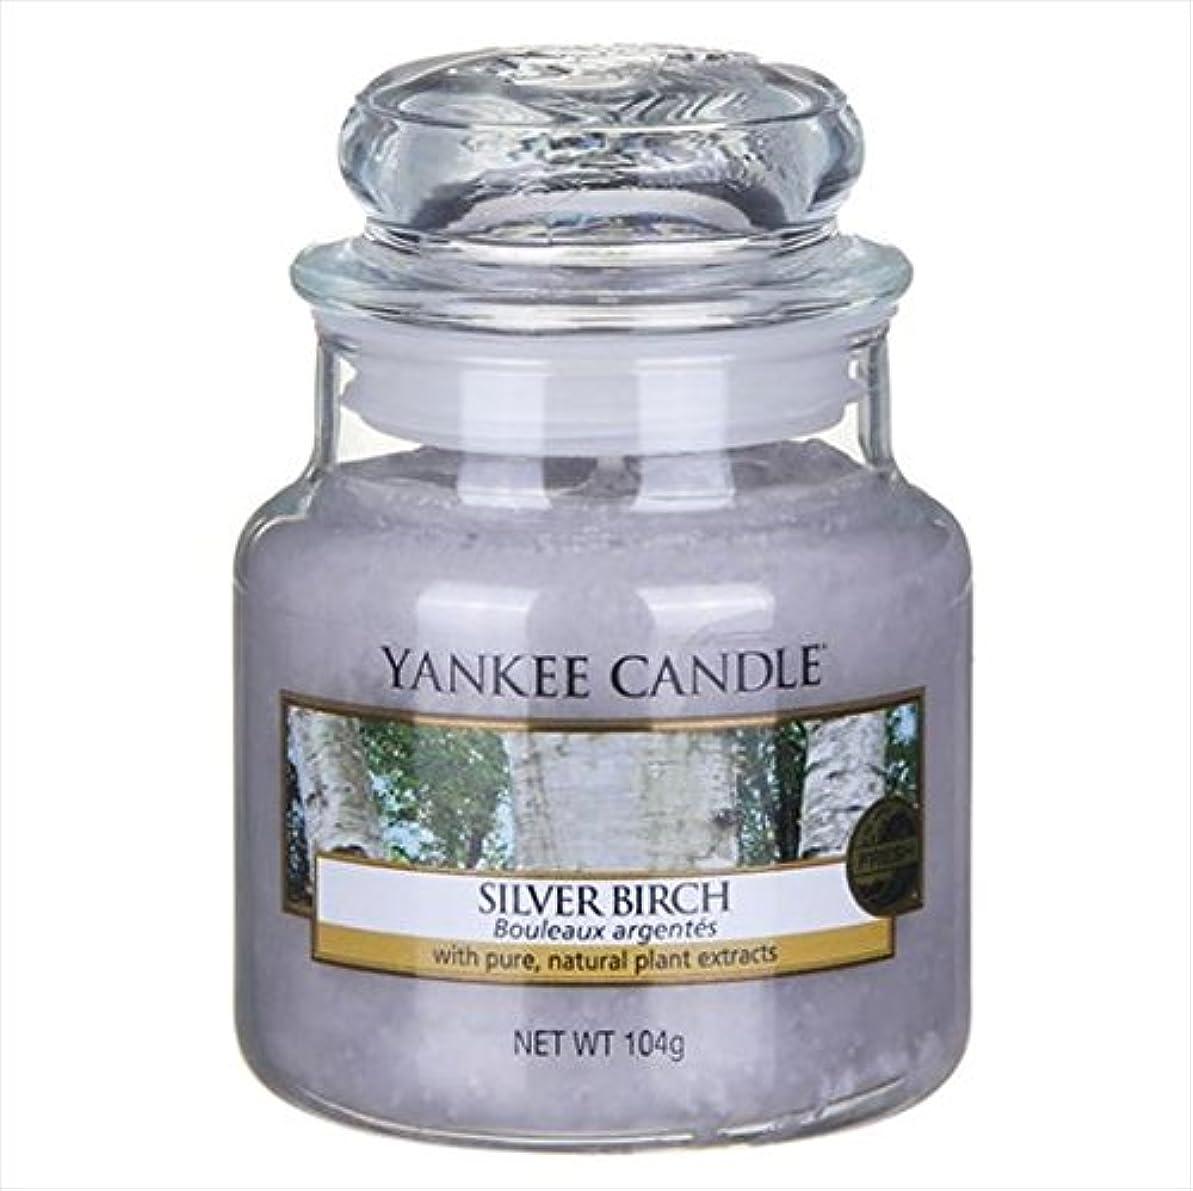 ヤンキーキャンドル(YANKEE CANDLE) YANKEE CANDLEジャーS 「 シルバーバーチ 」